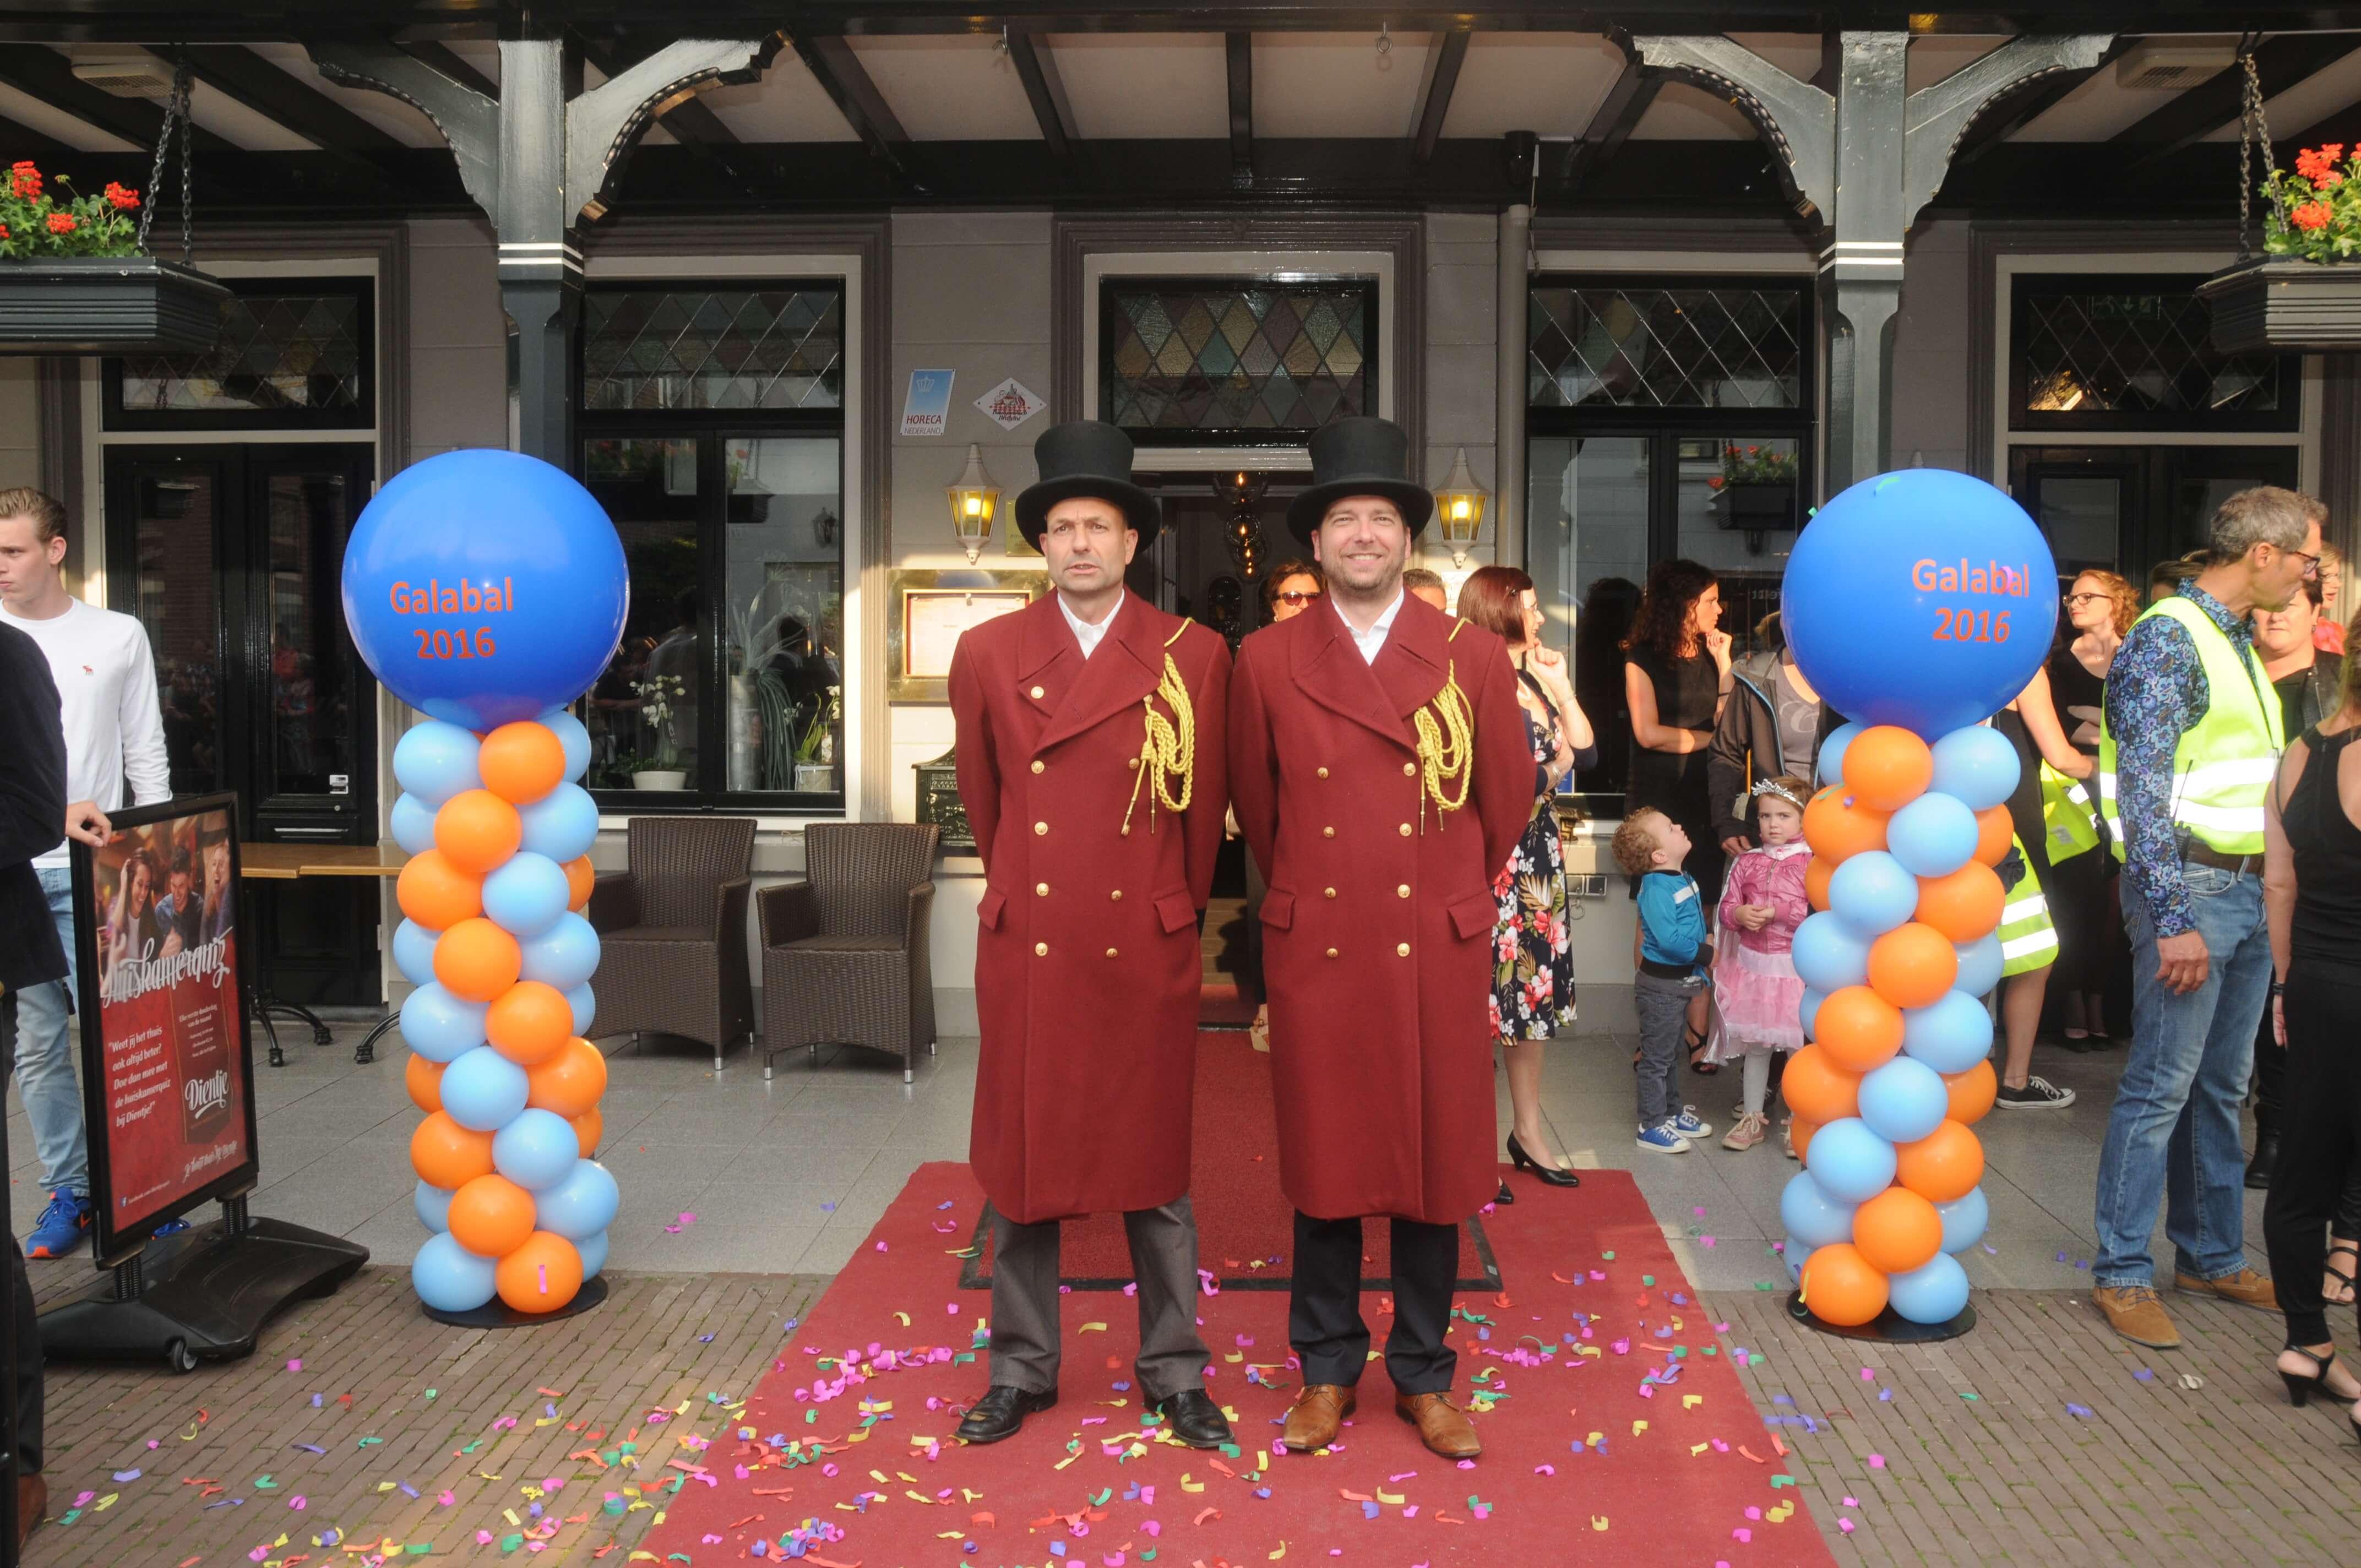 Ballonnen aankleding gala galabal Gemert